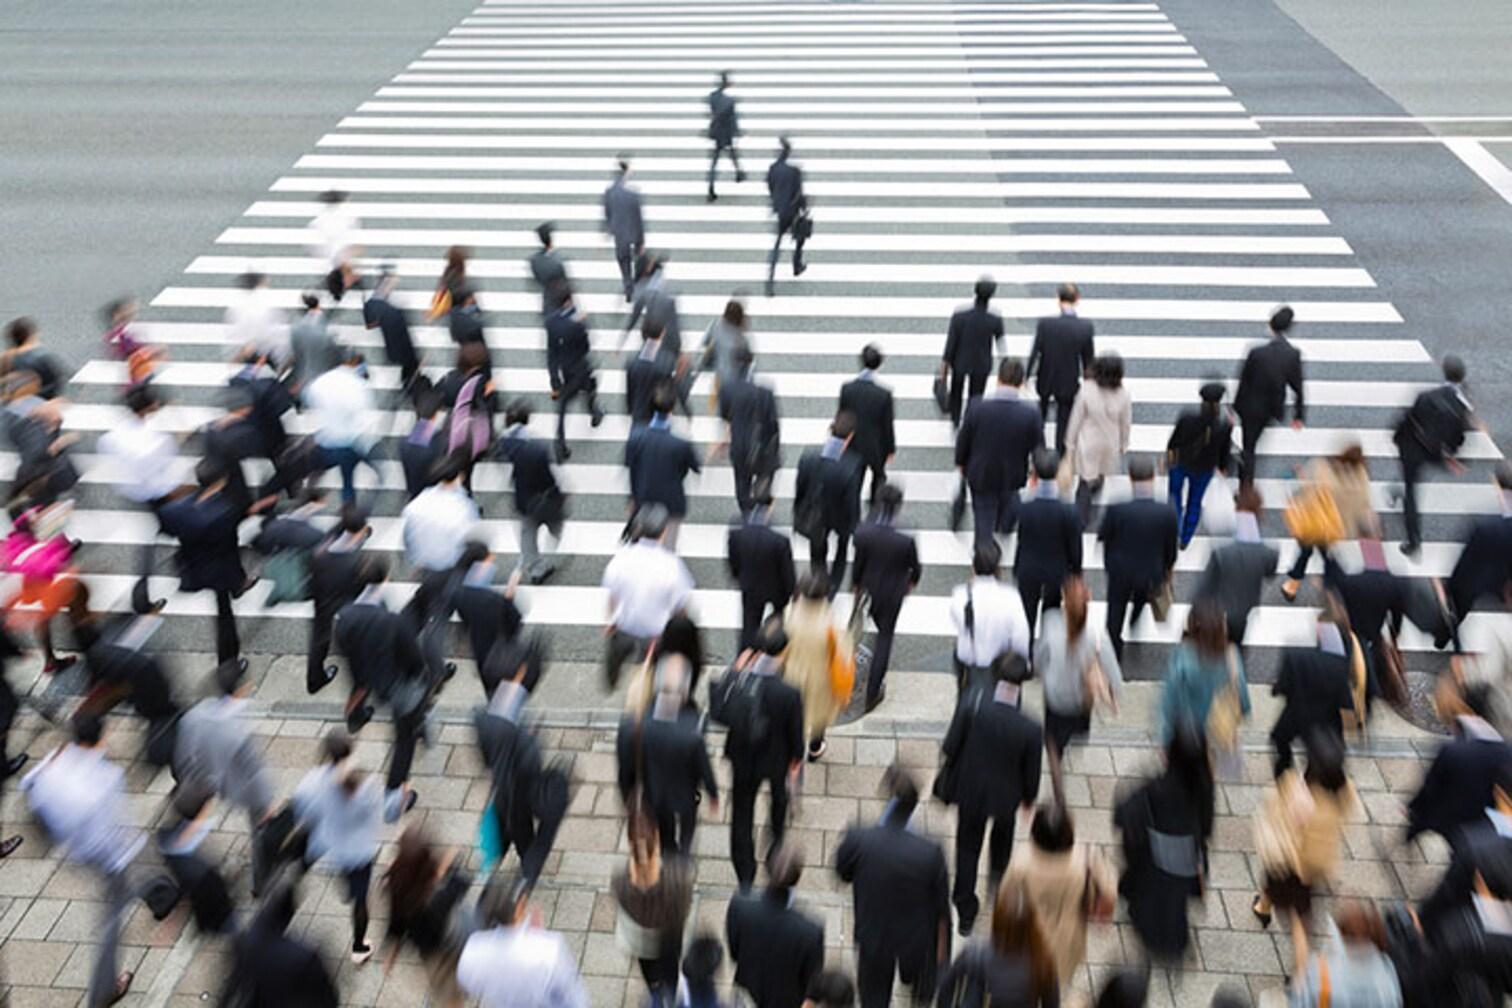 新卒採用で人生が決まる、日本は「希望格差」の国